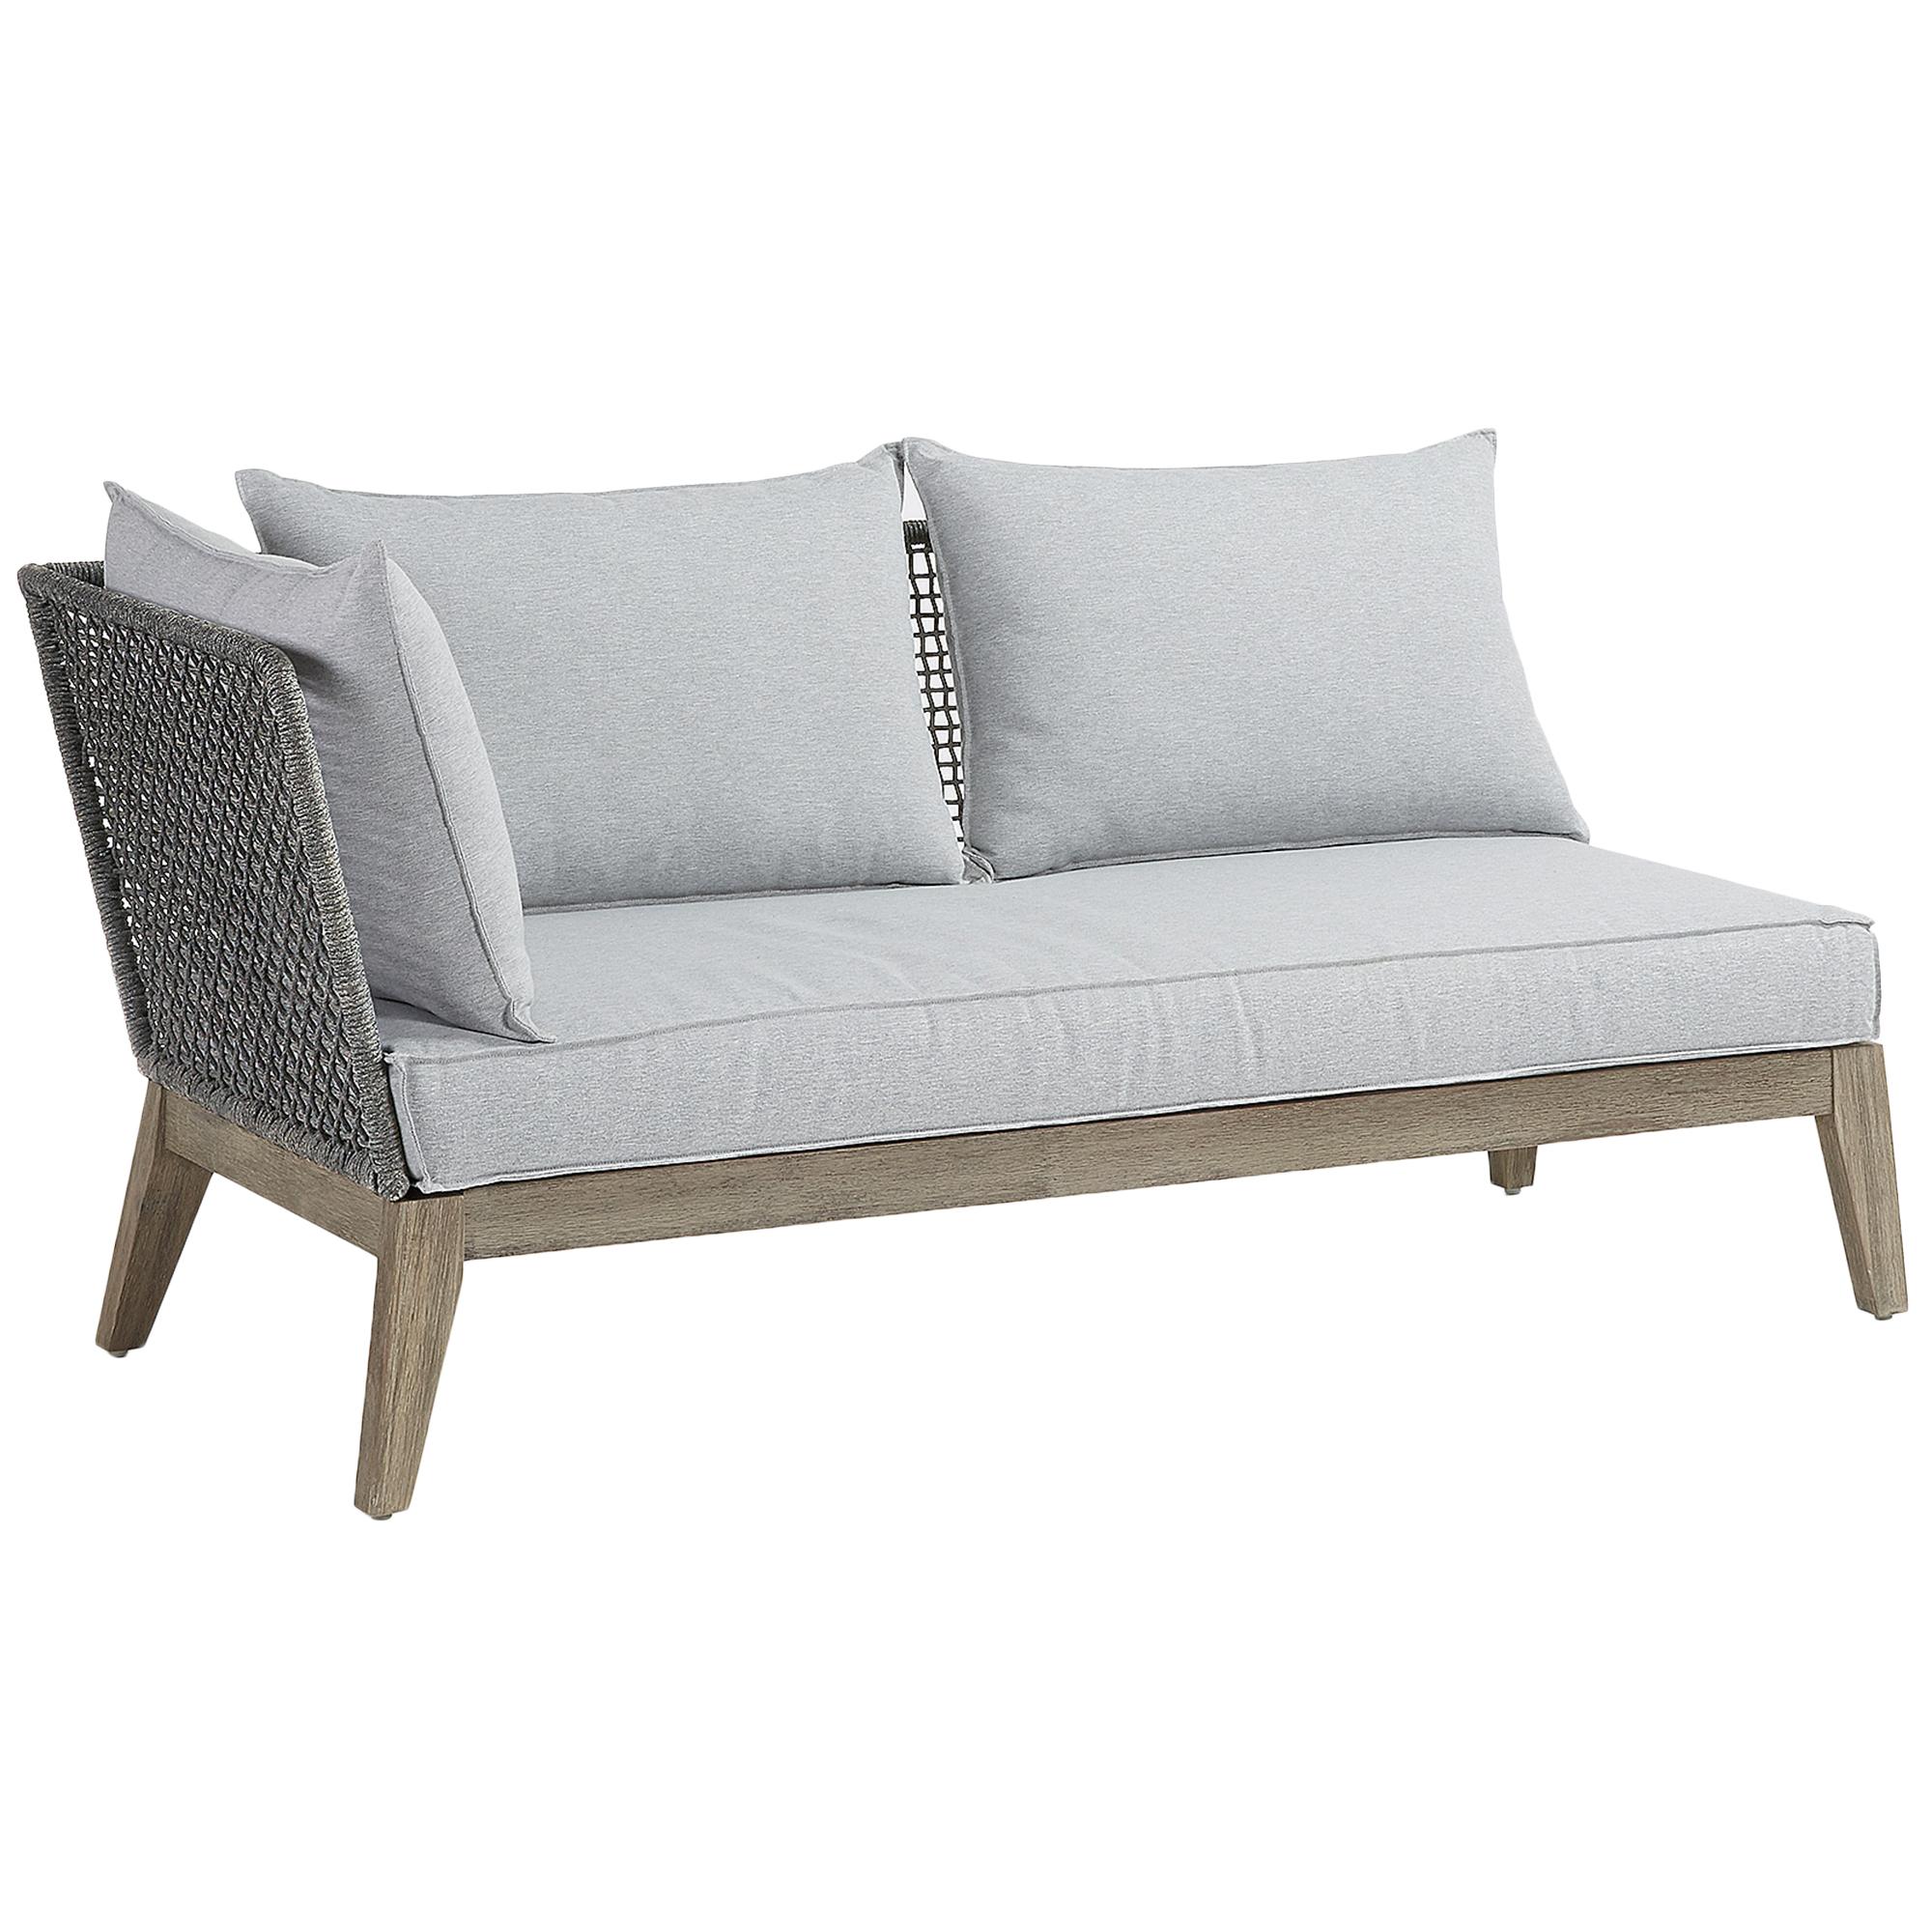 Grey Alston Acacia 2 Seater Outdoor Sofa